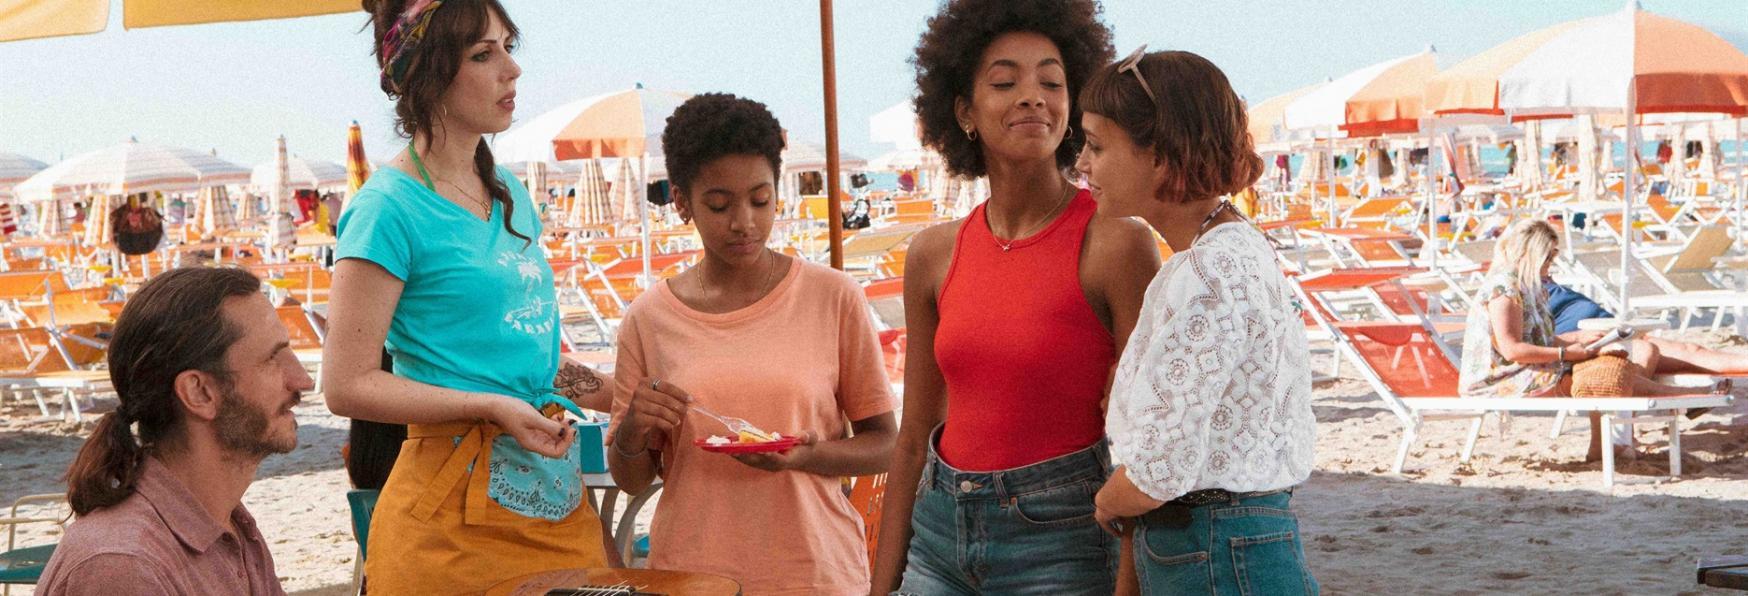 Summertime: la nuova Serie TV ispirata a Tre Metri Sopra il Cielo è disponibile su Netflix